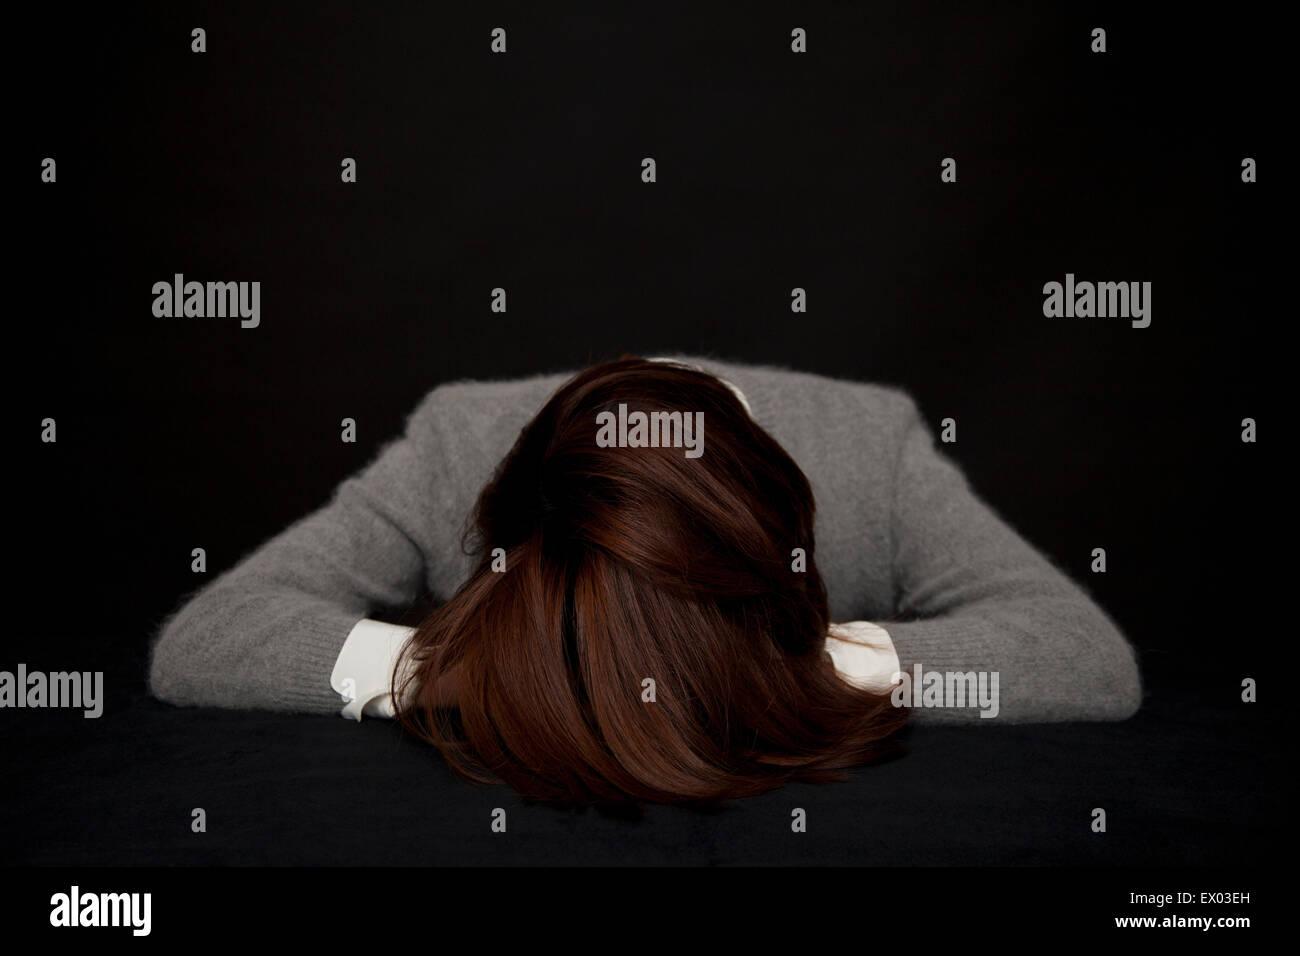 Ritratto di donna appoggiato la testa sul tavolo Immagini Stock